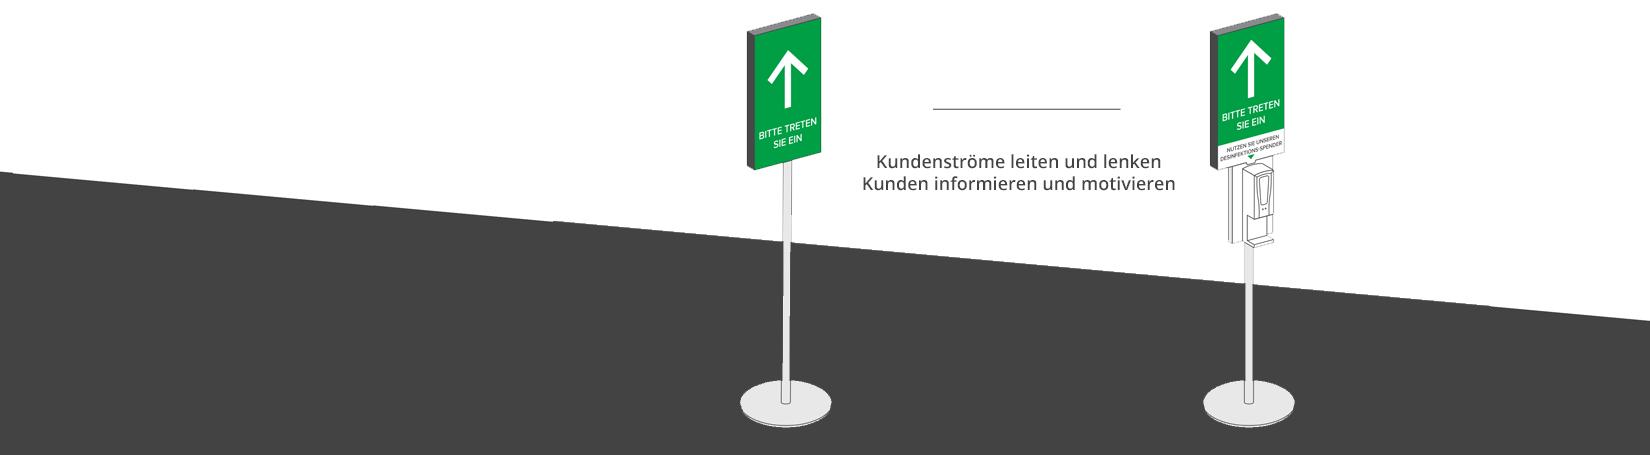 Header_Digitale_PersonenEinlassKontrolle_V08-1